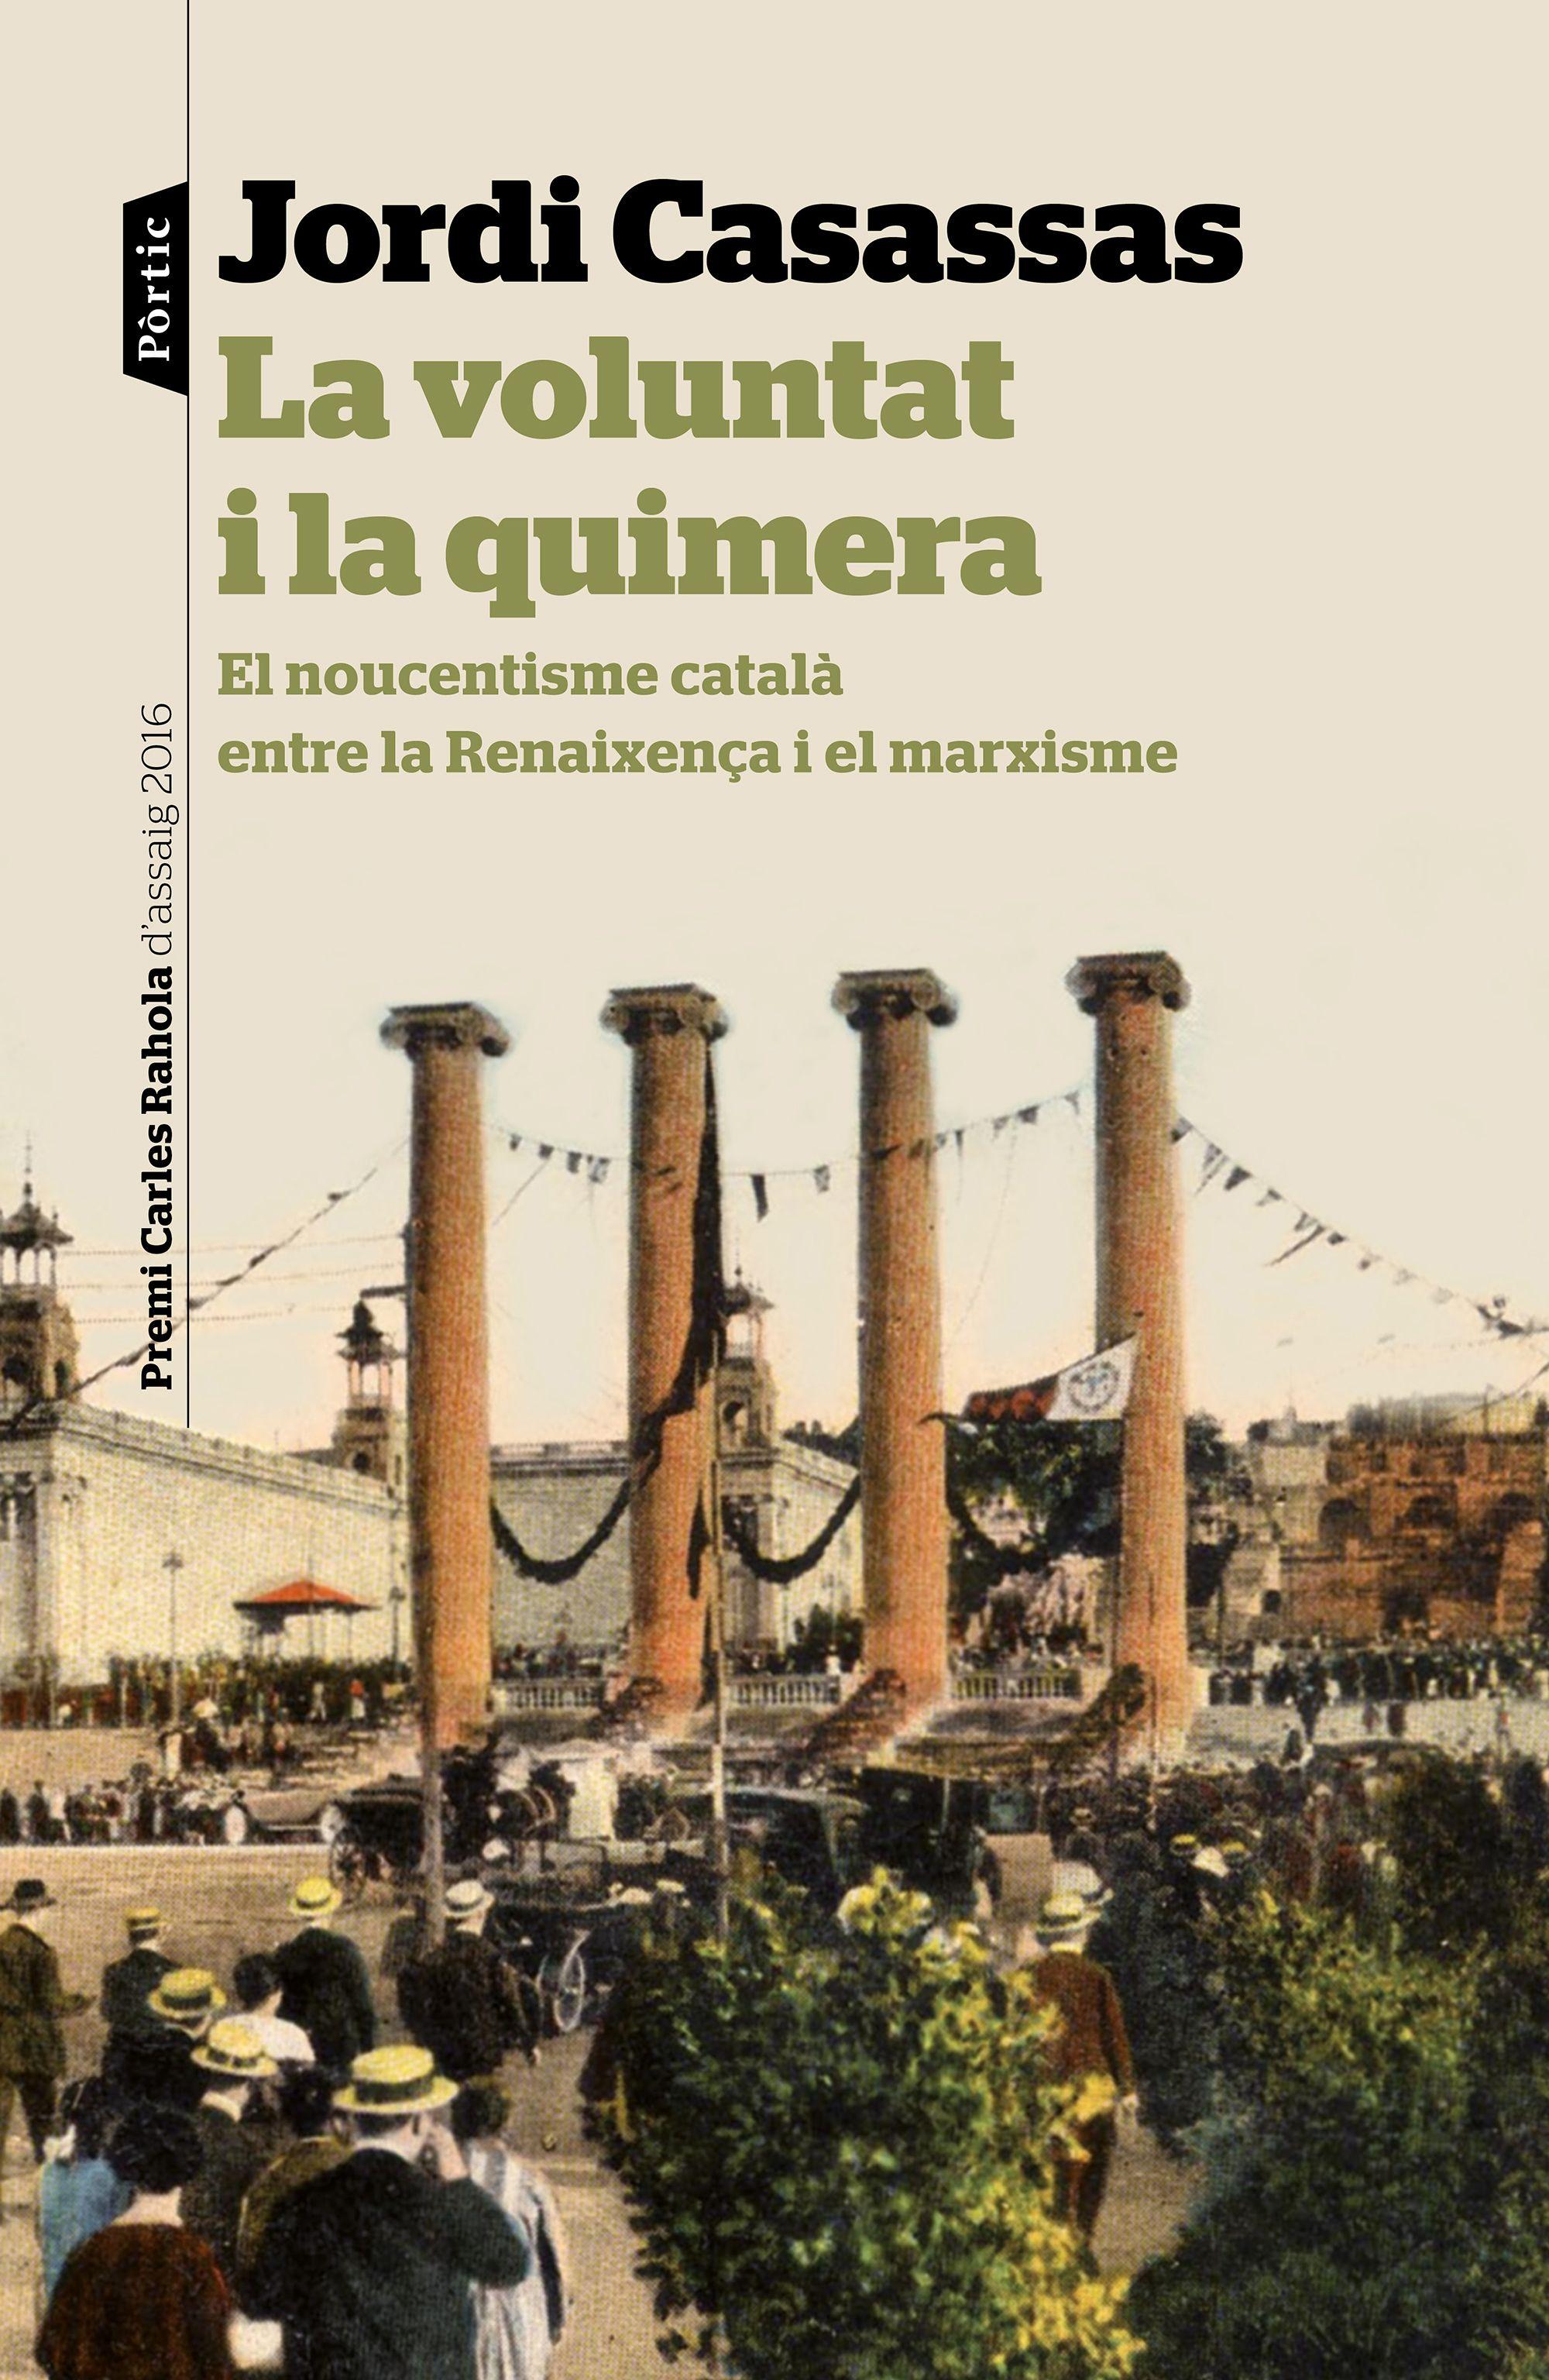 Casassas_portada_la-voluntat-i-la-quimera_jordi-casassas_201610261753